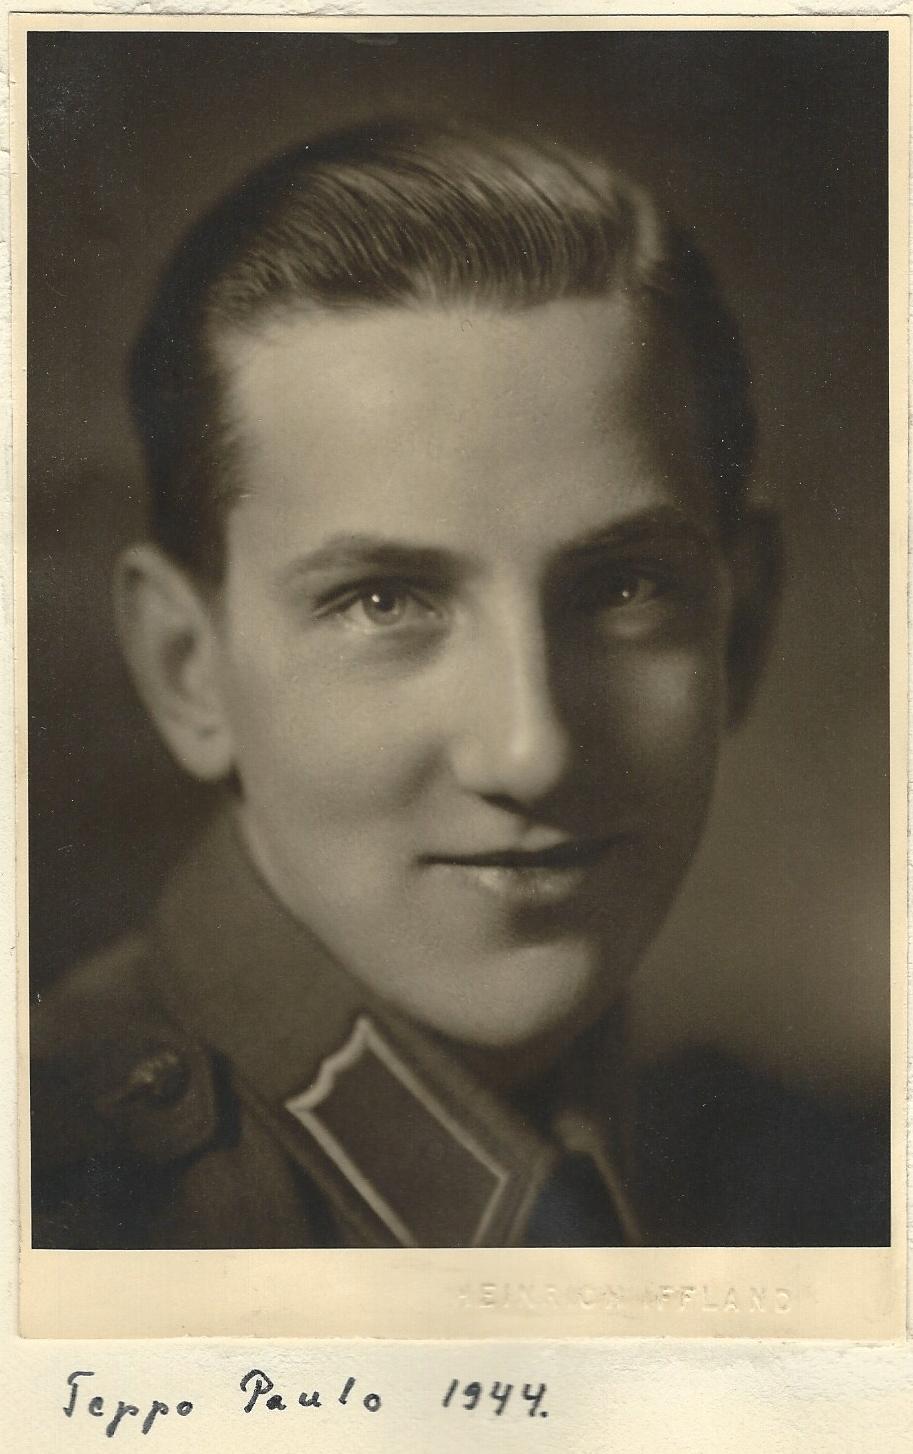 3f361dd7d10 Ristimisel sai ta nime Stefan, mis hiljem muudeti soomepäraseks. Teppo käis  koolis, lõpetas gümnaasiumi 1941 ja astus Helsingi Ülikooli  õigusteaduskonda ...